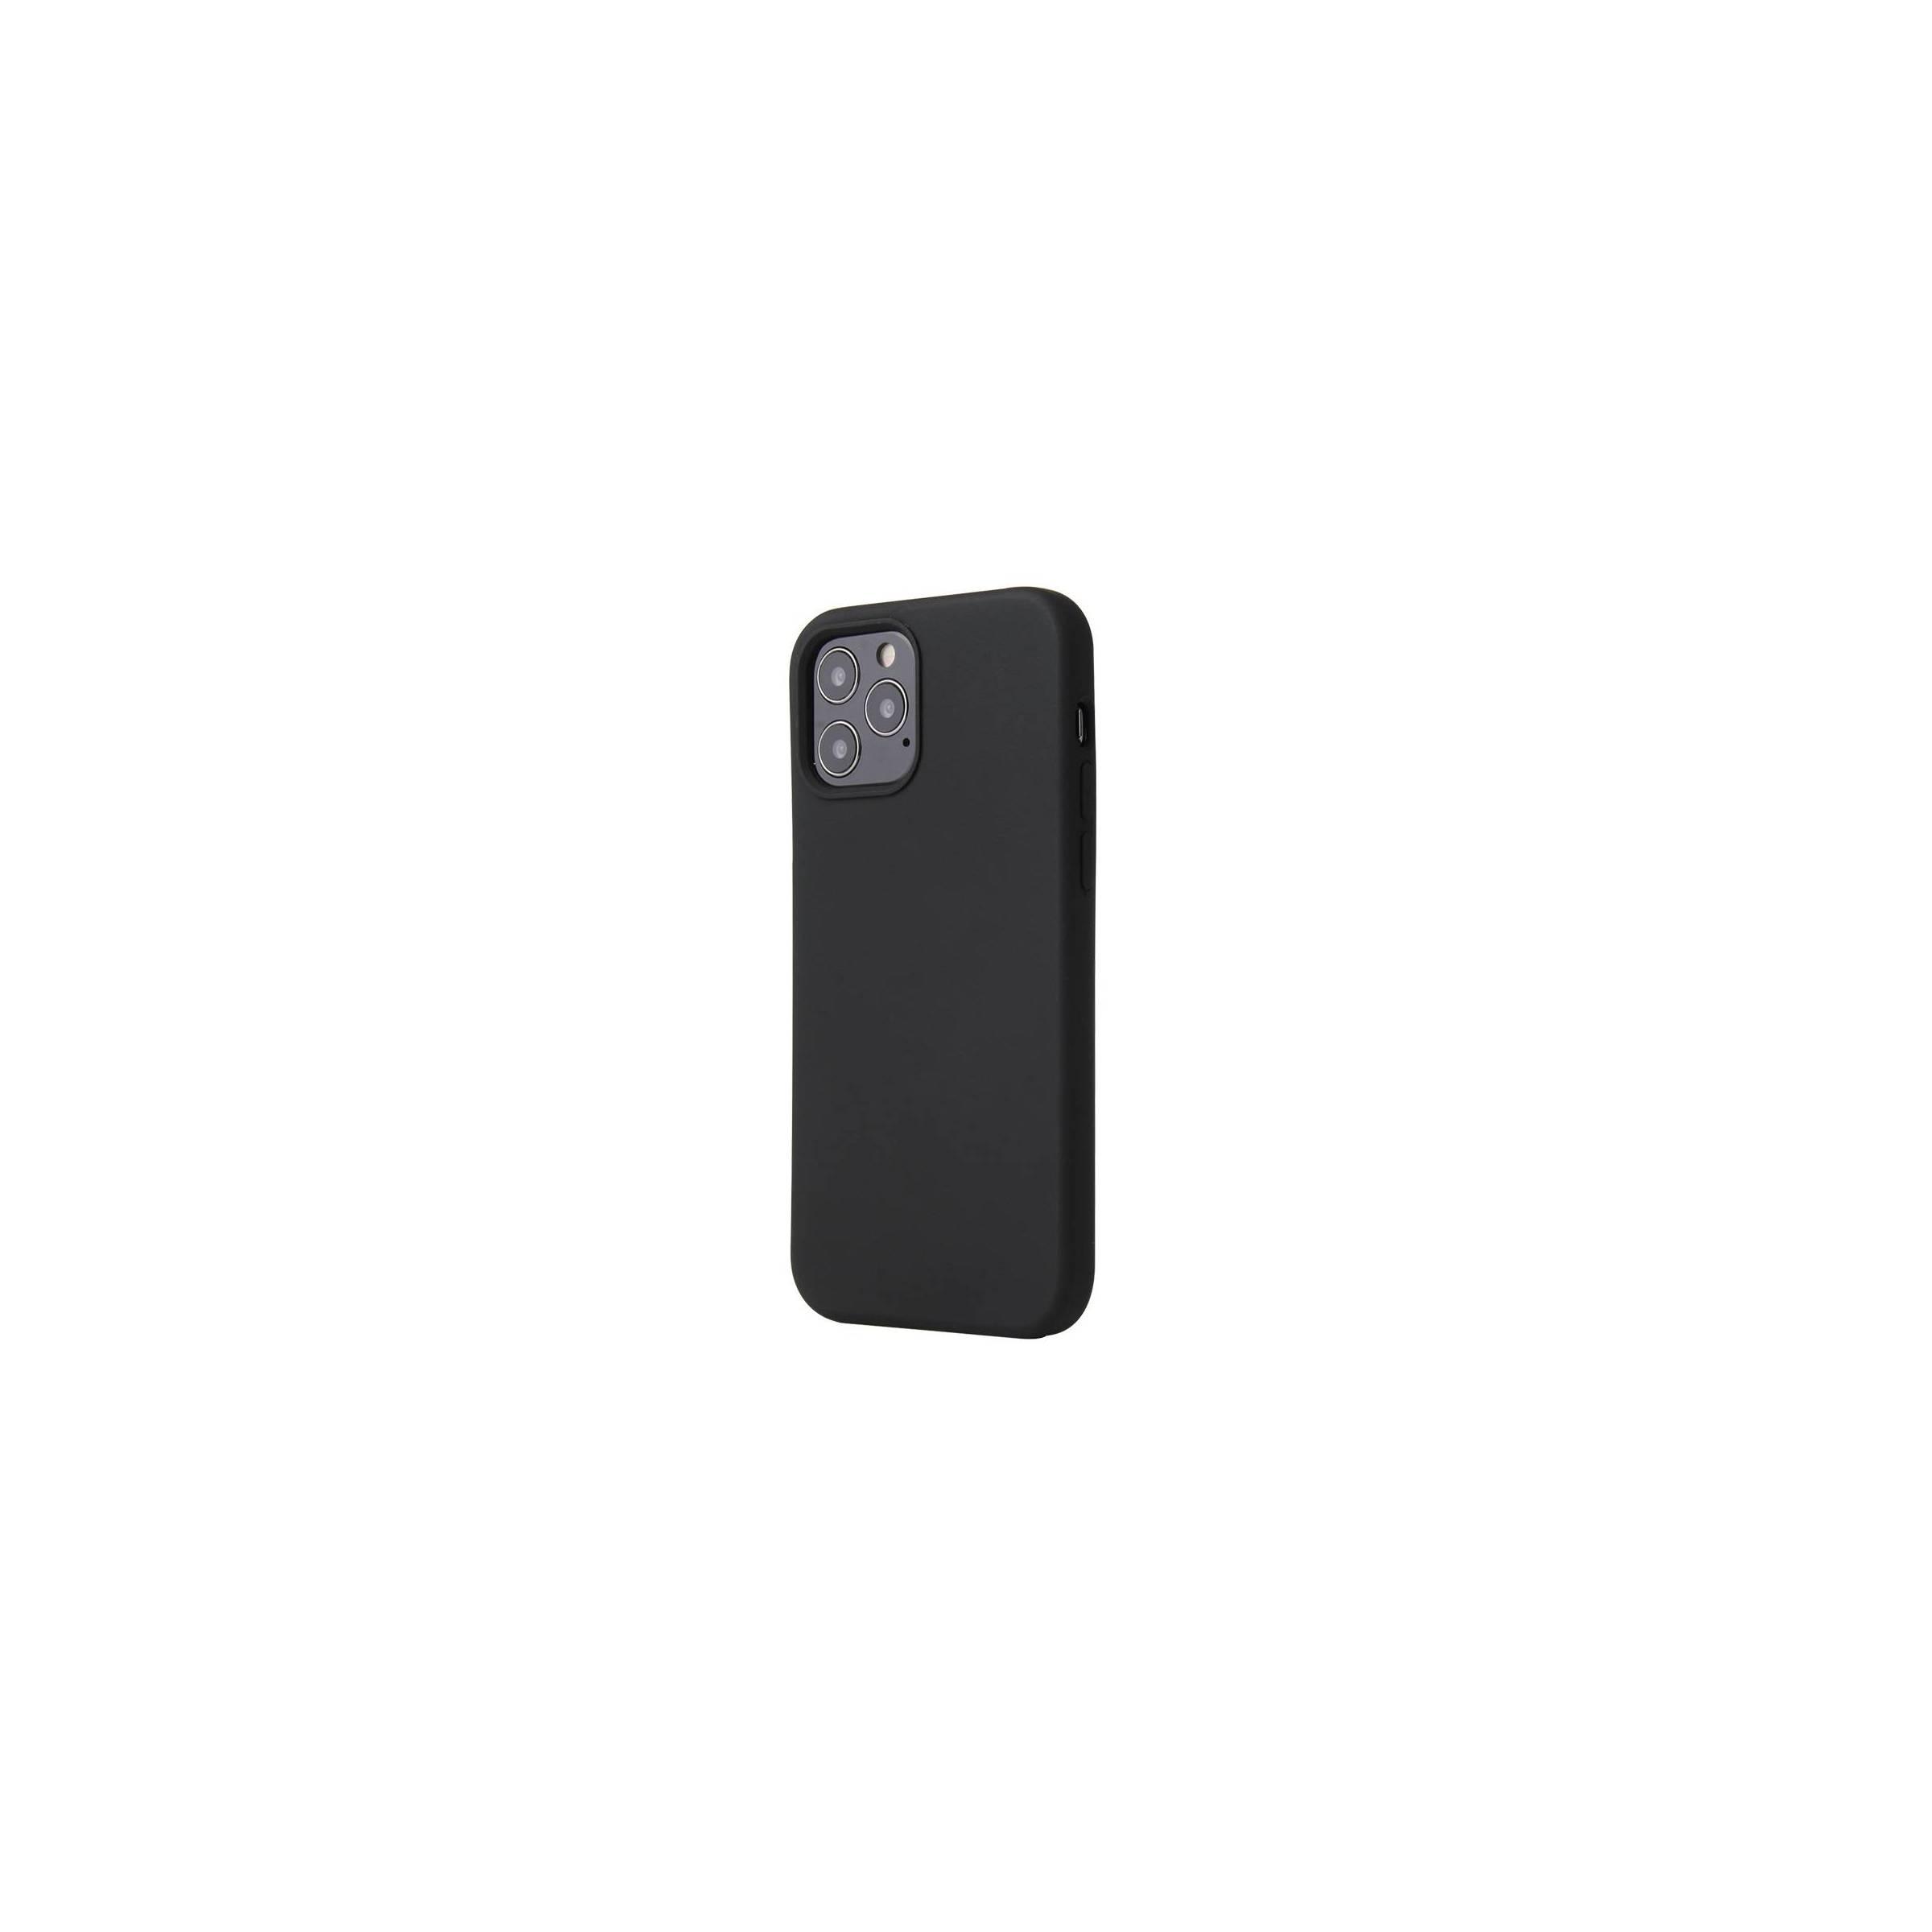 """Lækkert iphone 12 pro/ 12 silikone cover 6,1"""" flere farver farve sort fra kina oem på mackabler.dk"""